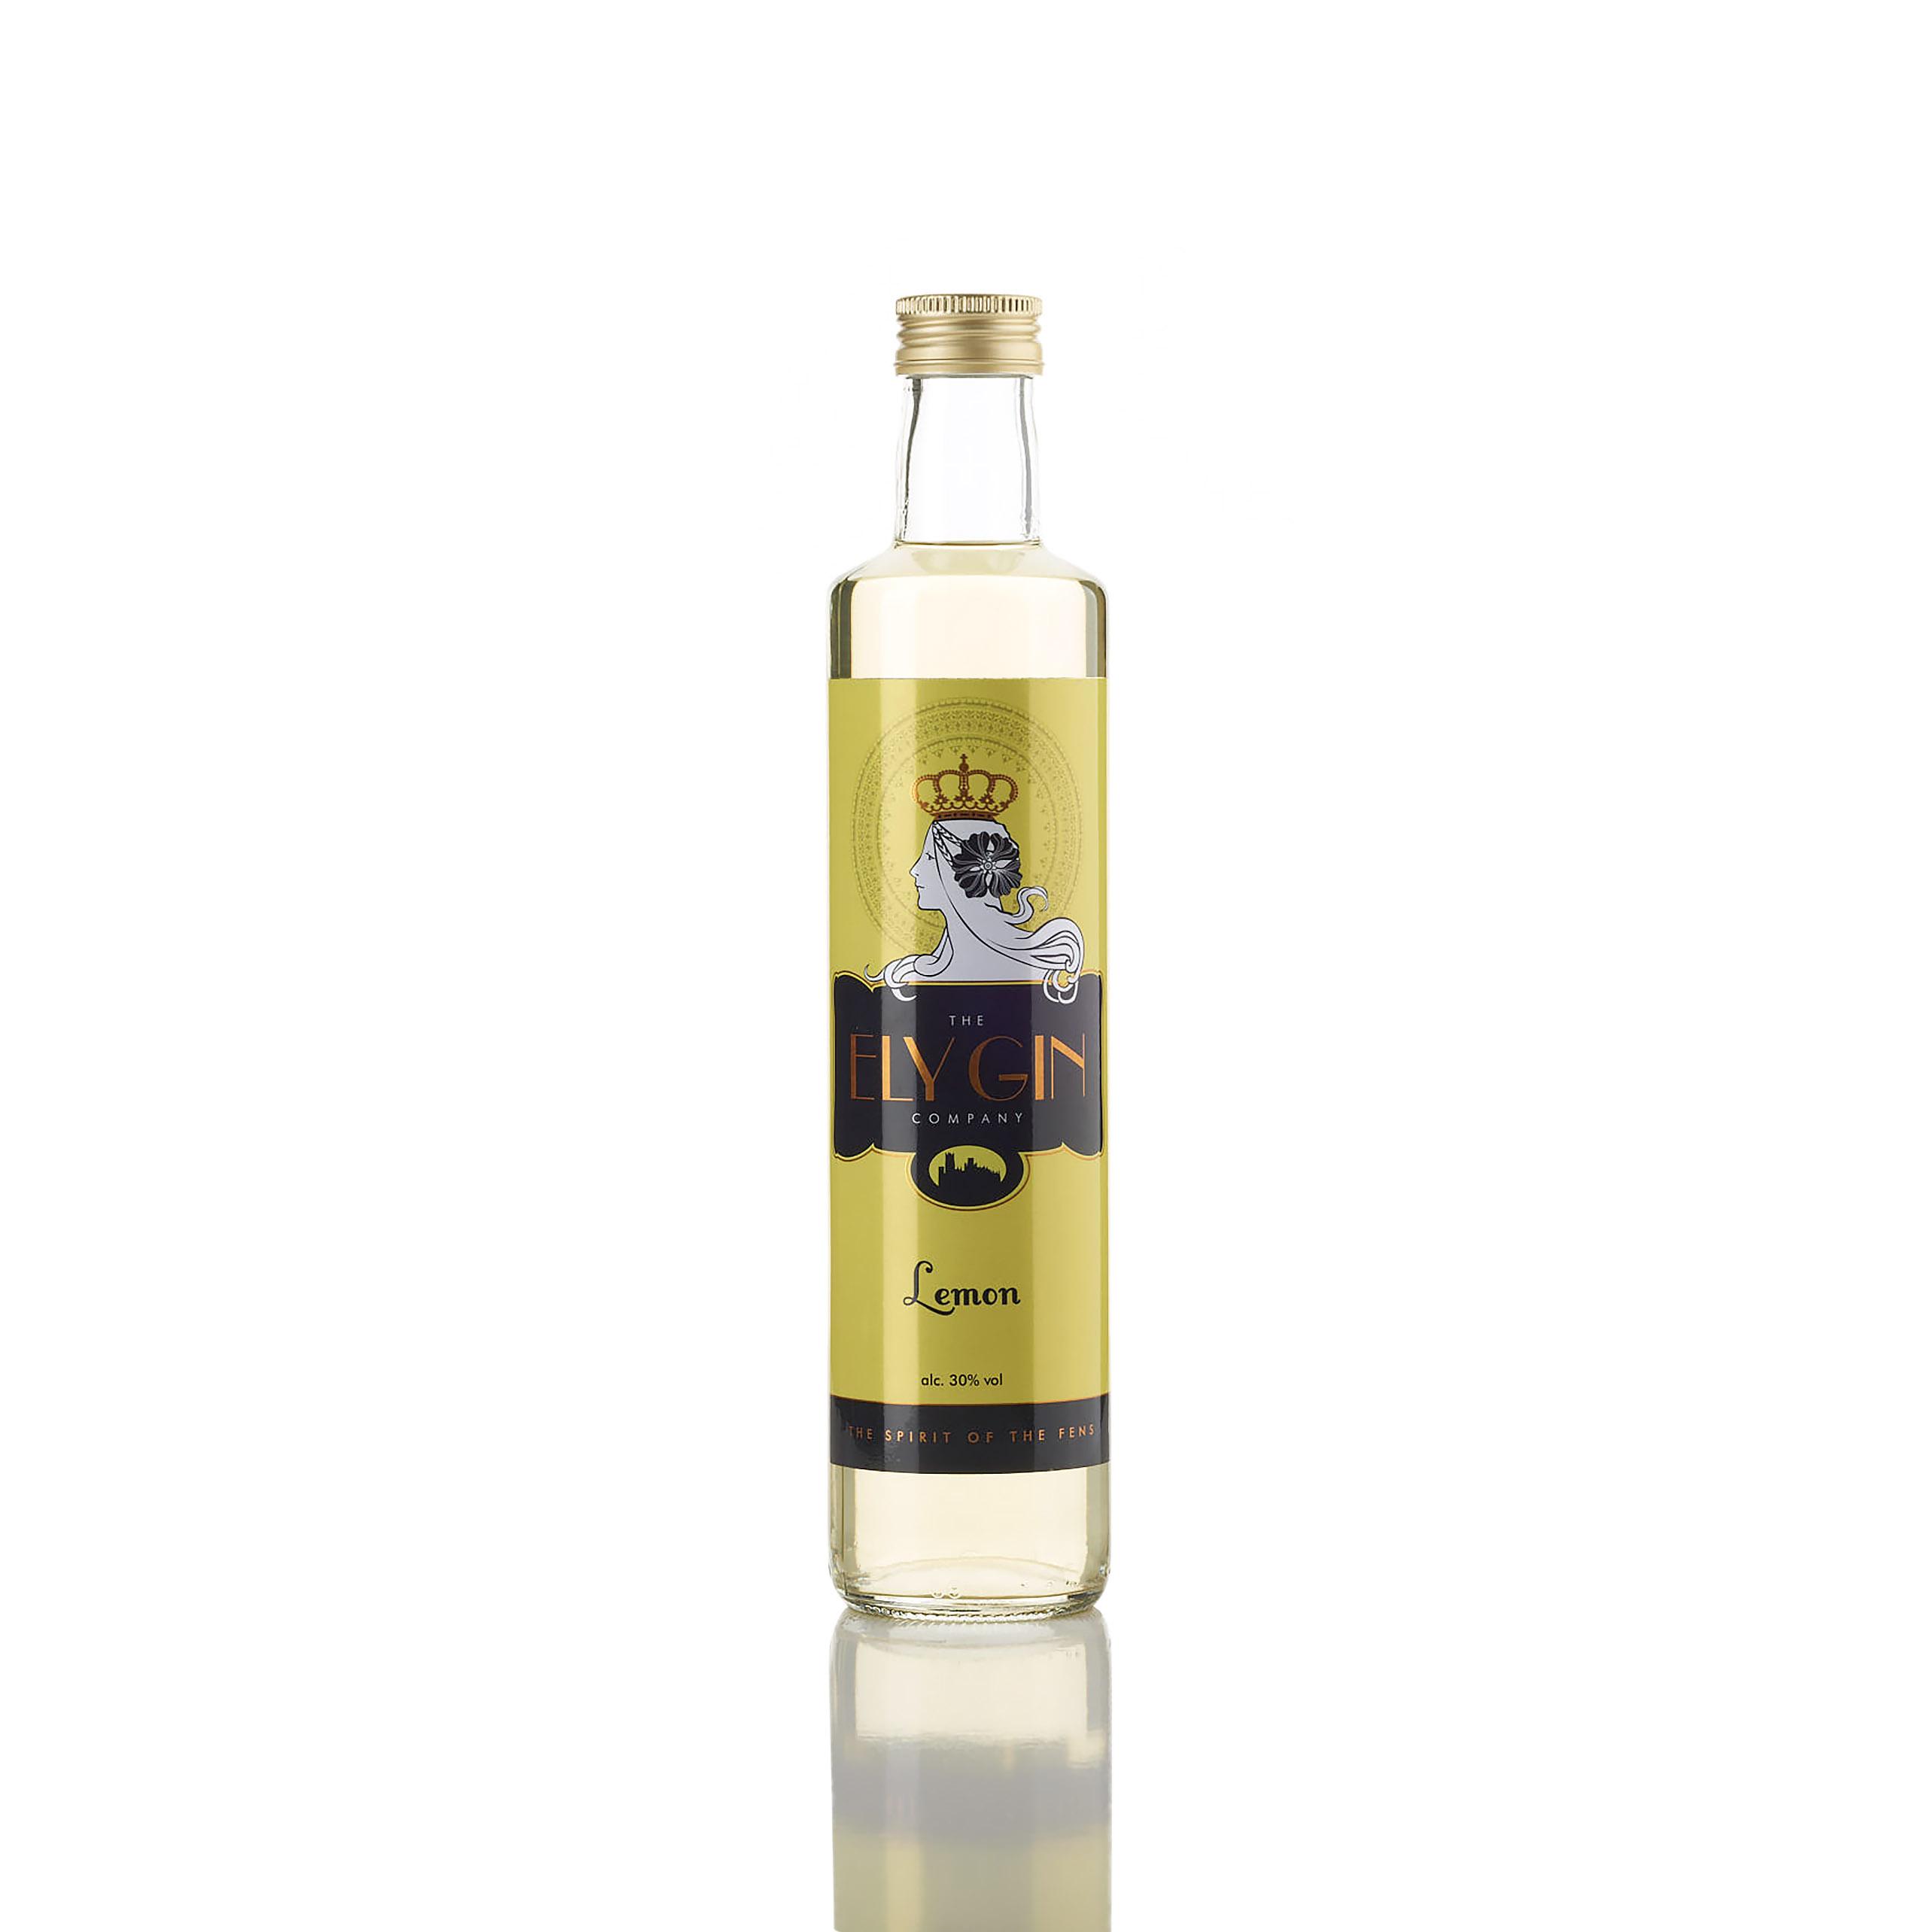 Ely Gin Lemon 30% 500ml